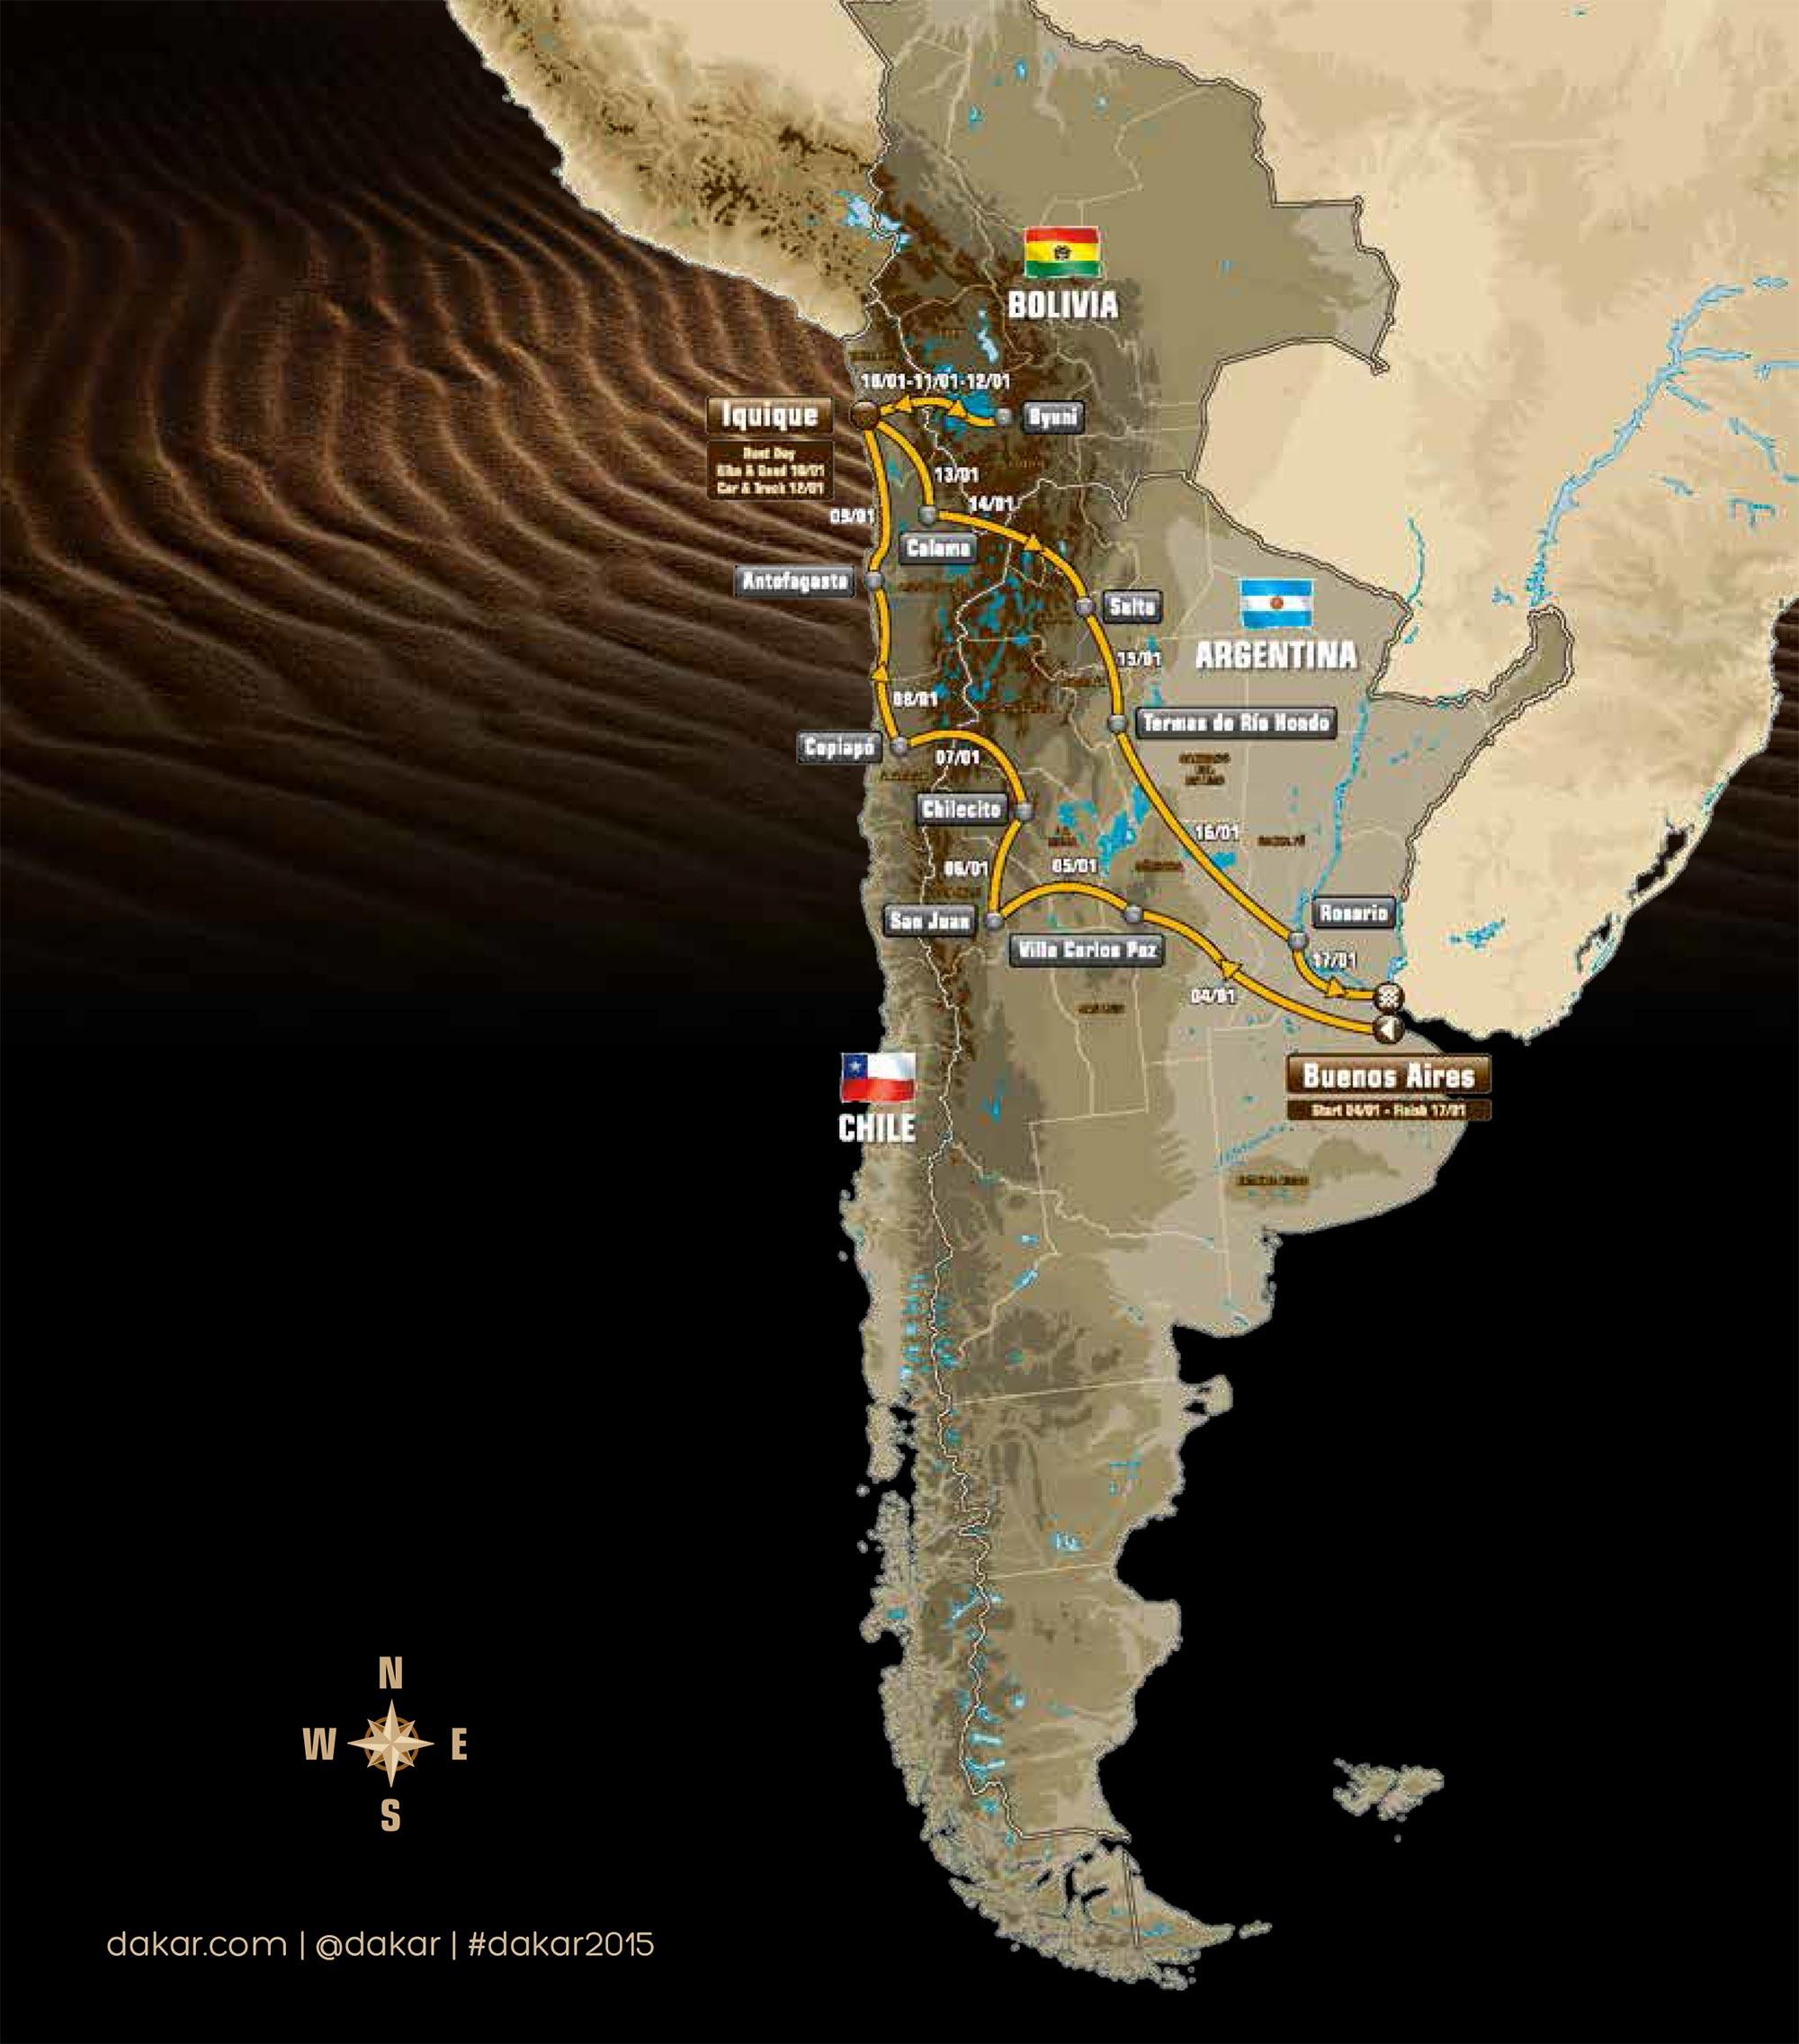 2015 Dakar Rally Details Revealed